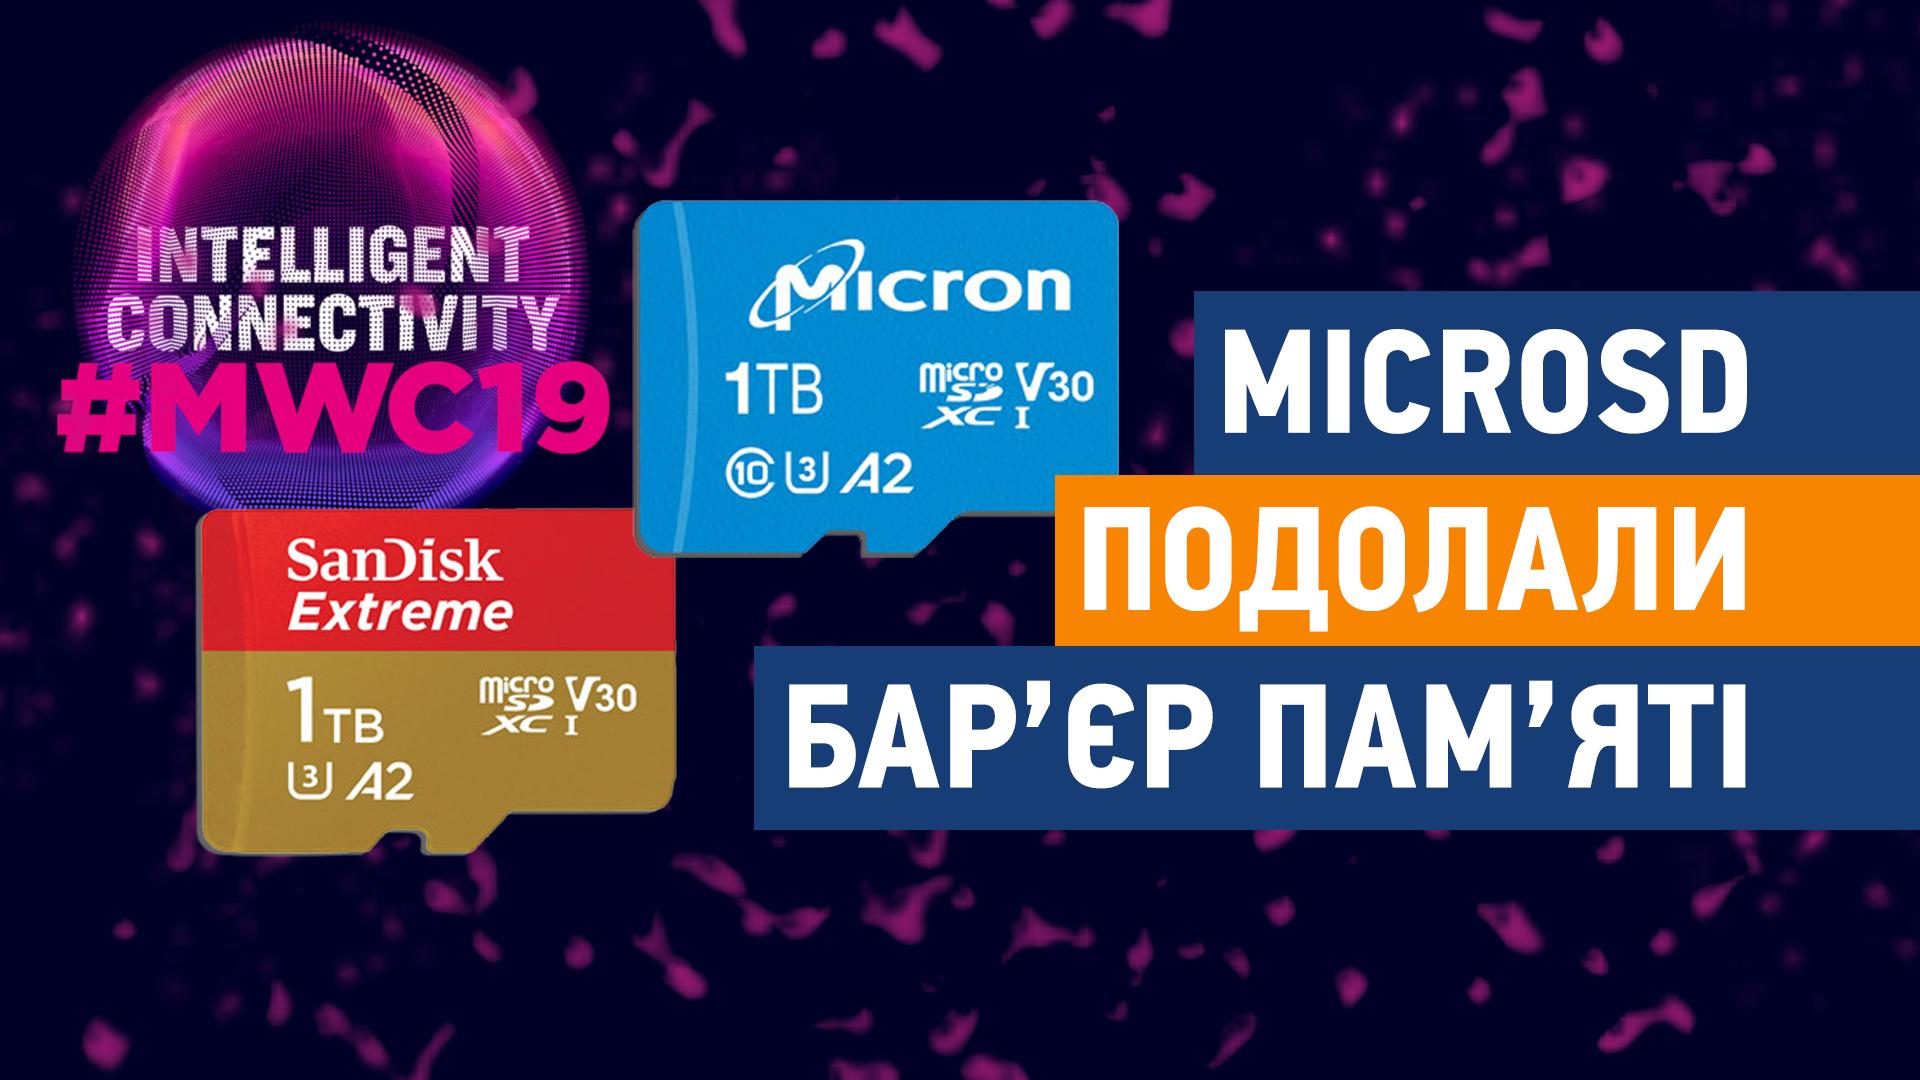 MicroSD подолали бар'єр пам'яті в 1 ТБ